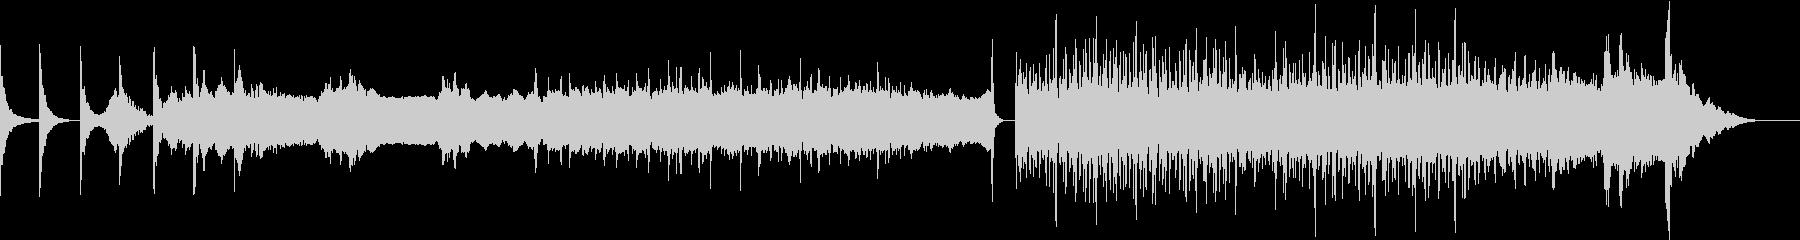 ディジュリドゥと拍子木の力強いBGMの未再生の波形